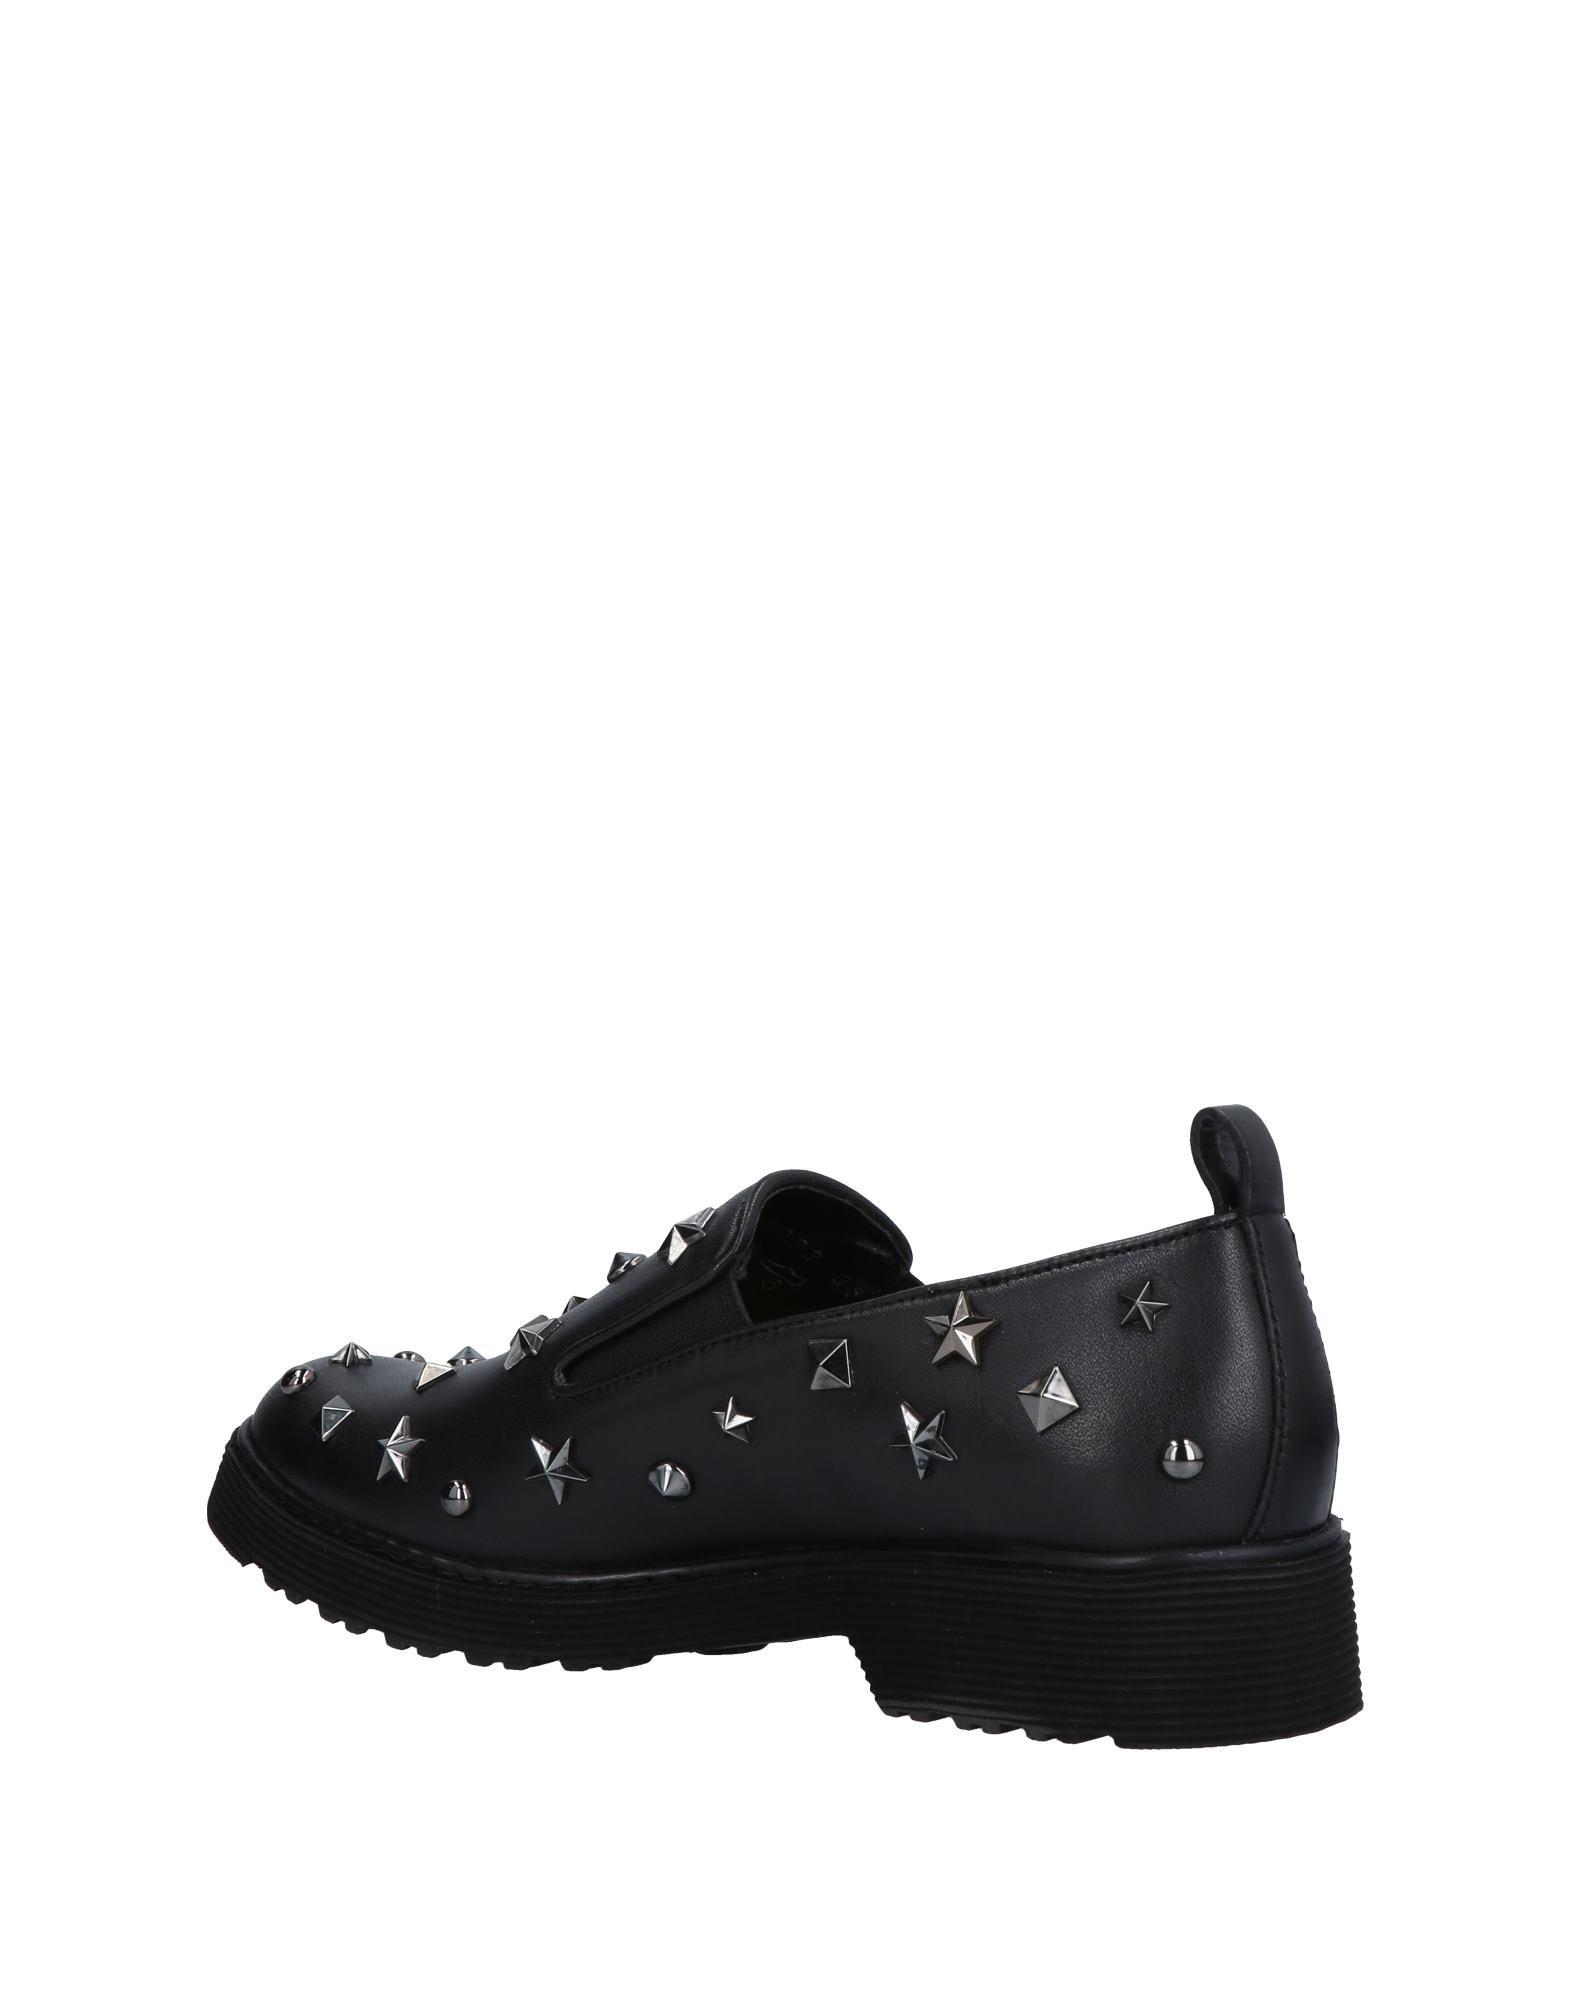 Cult Gute Mokassins Damen  11473776KH Gute Cult Qualität beliebte Schuhe b94b1c